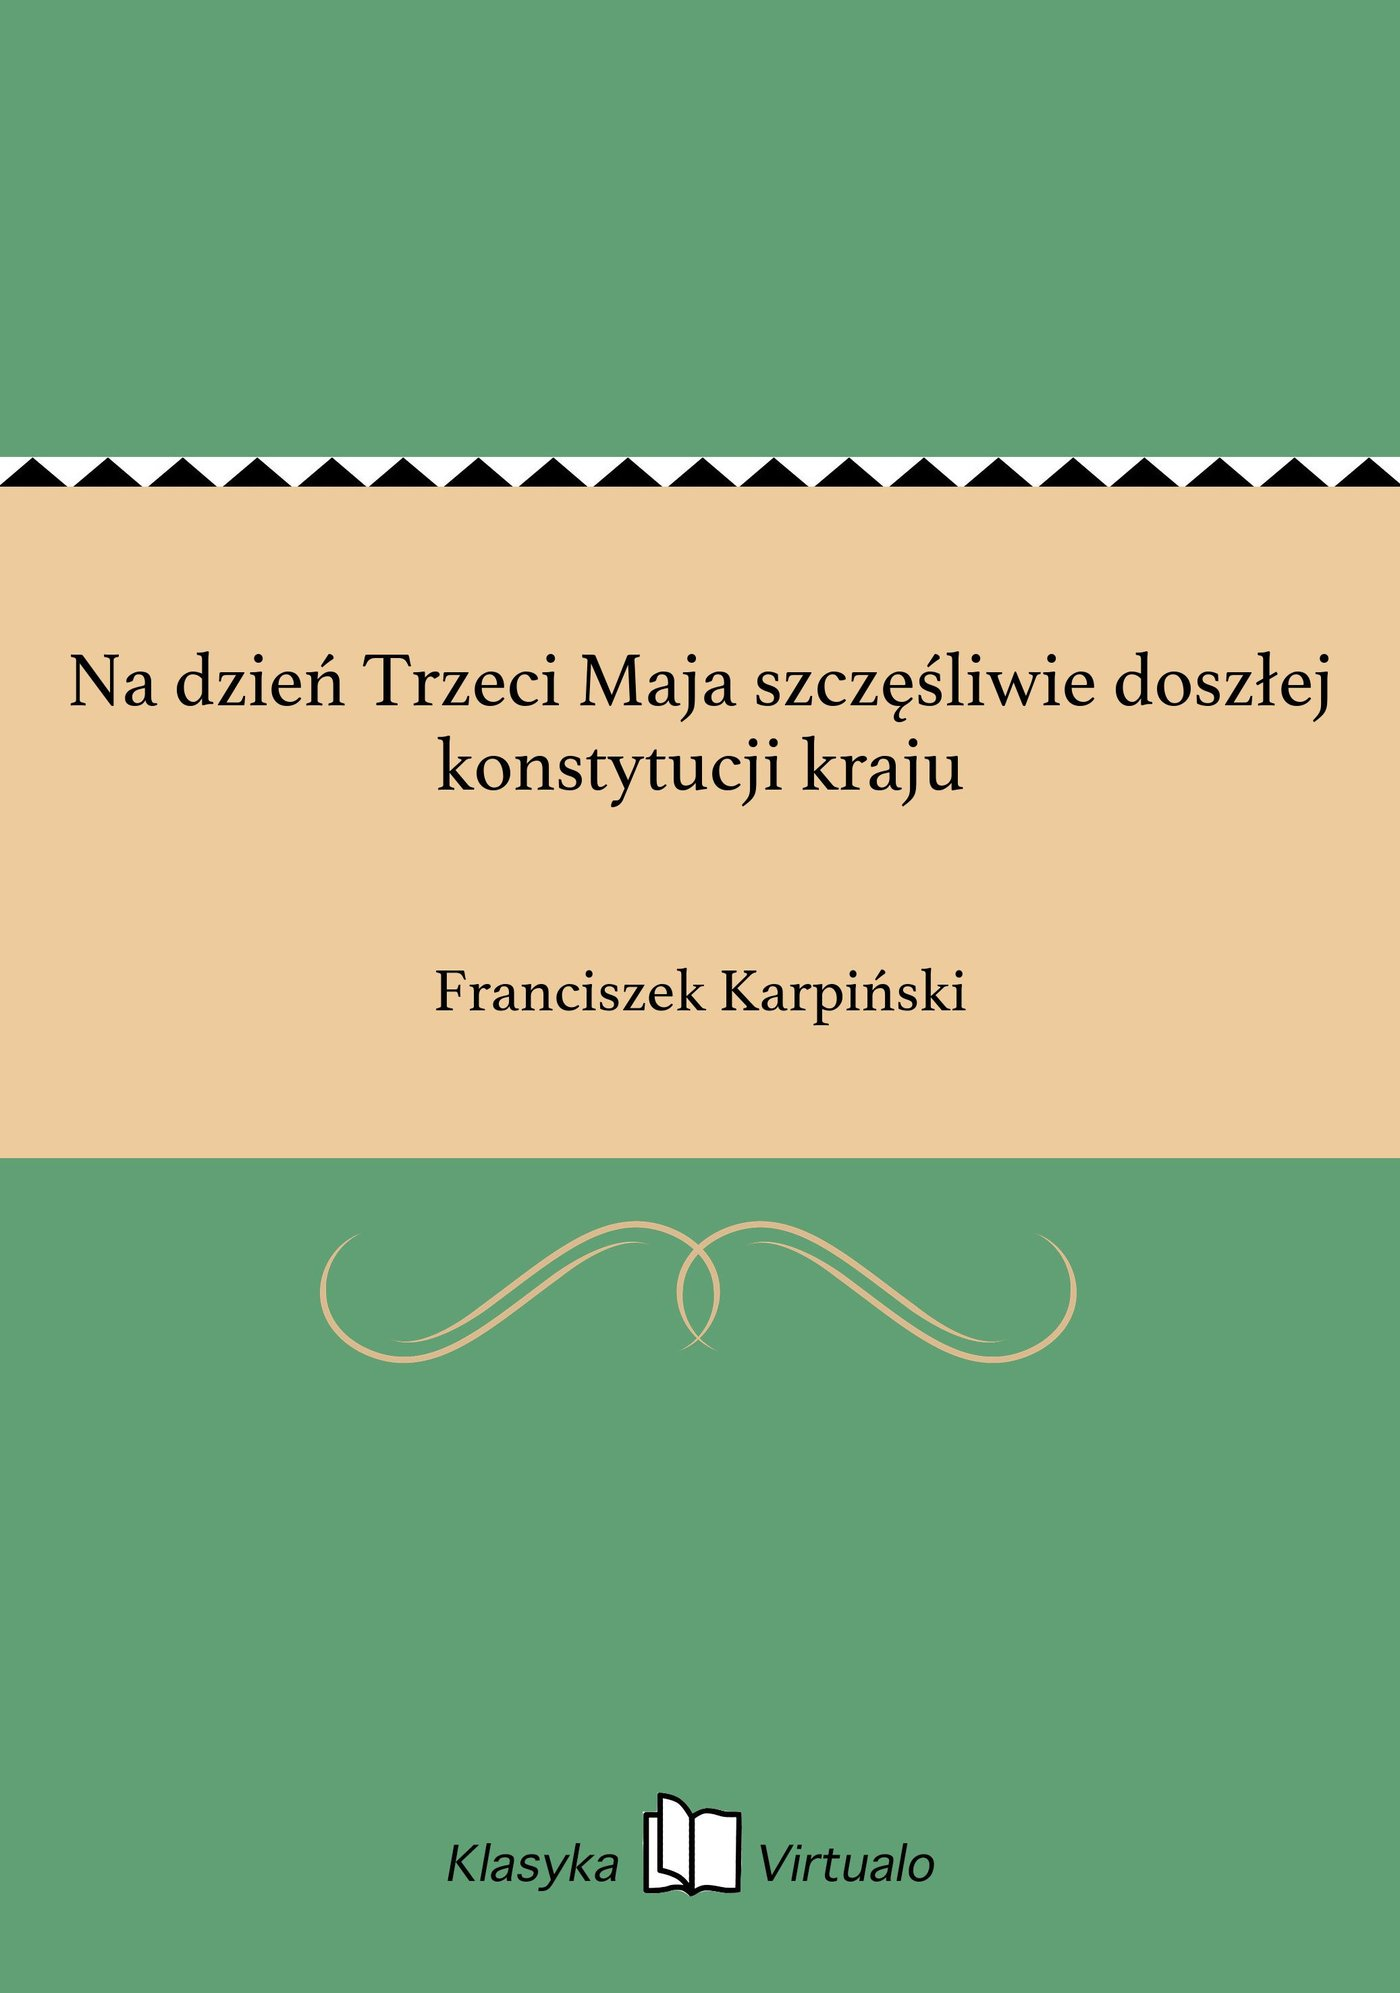 Na dzień Trzeci Maja szczęśliwie doszłej konstytucji kraju - Ebook (Książka na Kindle) do pobrania w formacie MOBI